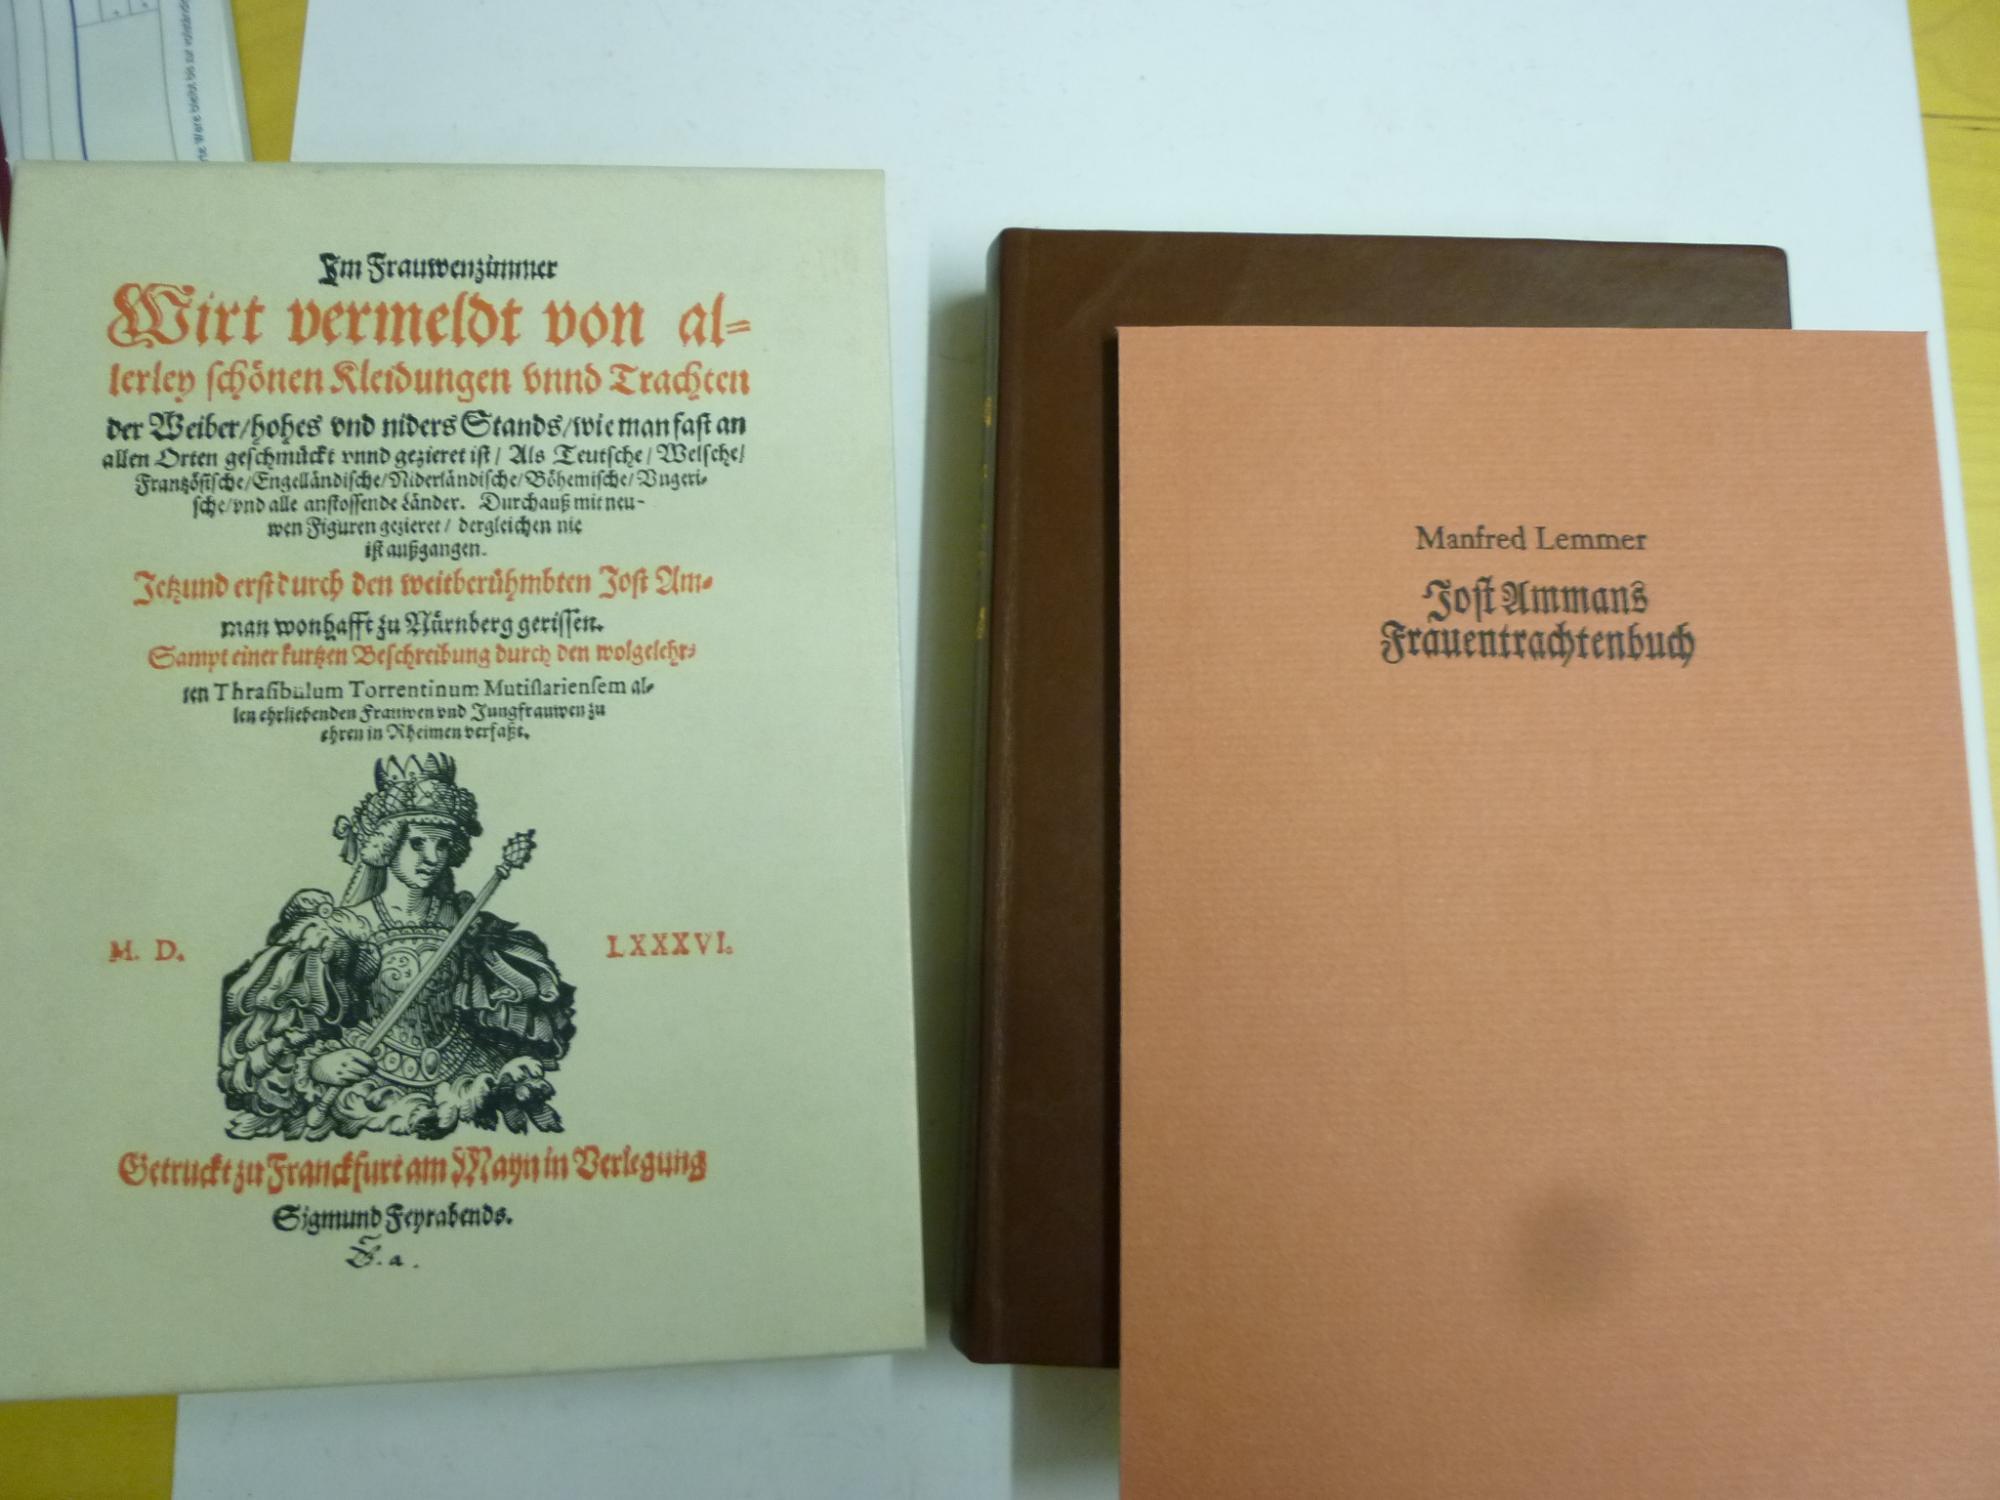 Frauentrchtenbuch Faksimile: Amman, Jost/Lemmer, M.